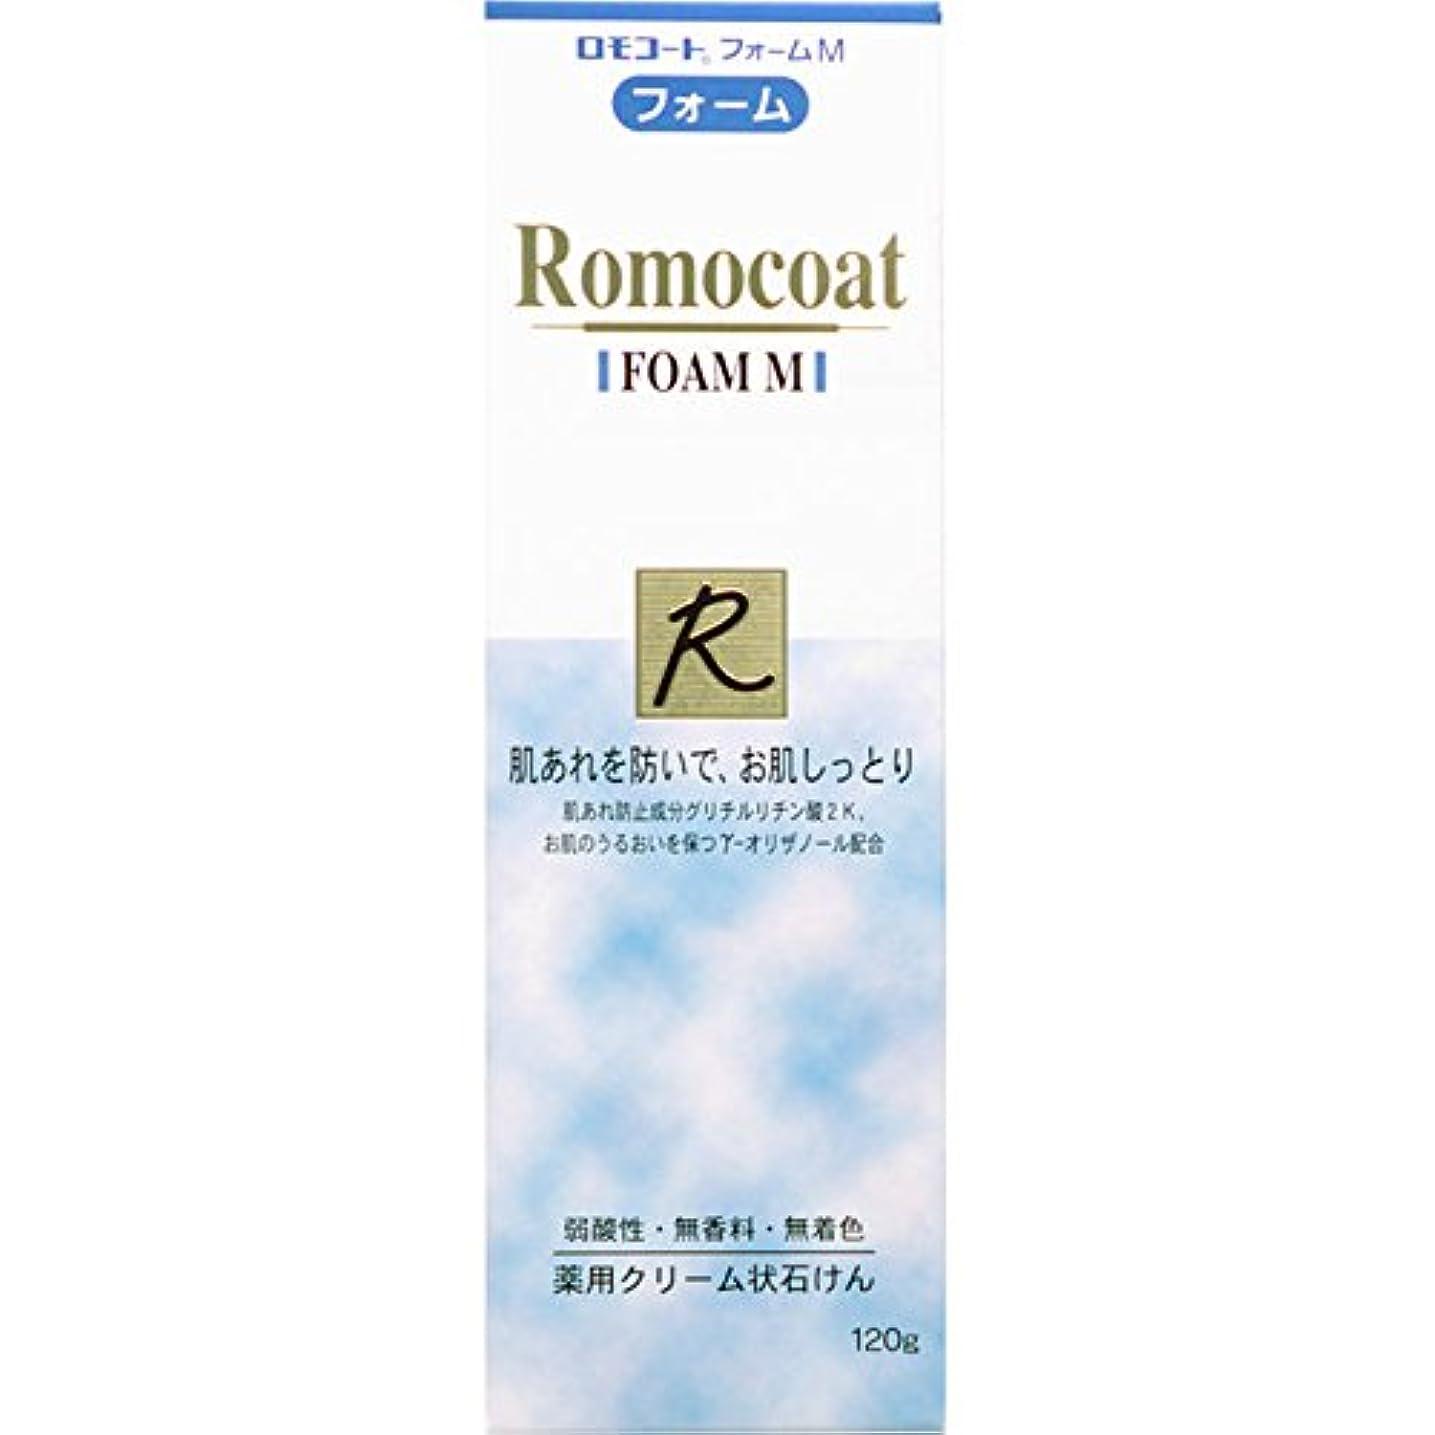 にもかかわらず適性砂利ロモコートフォームM 120g【医薬部外品】